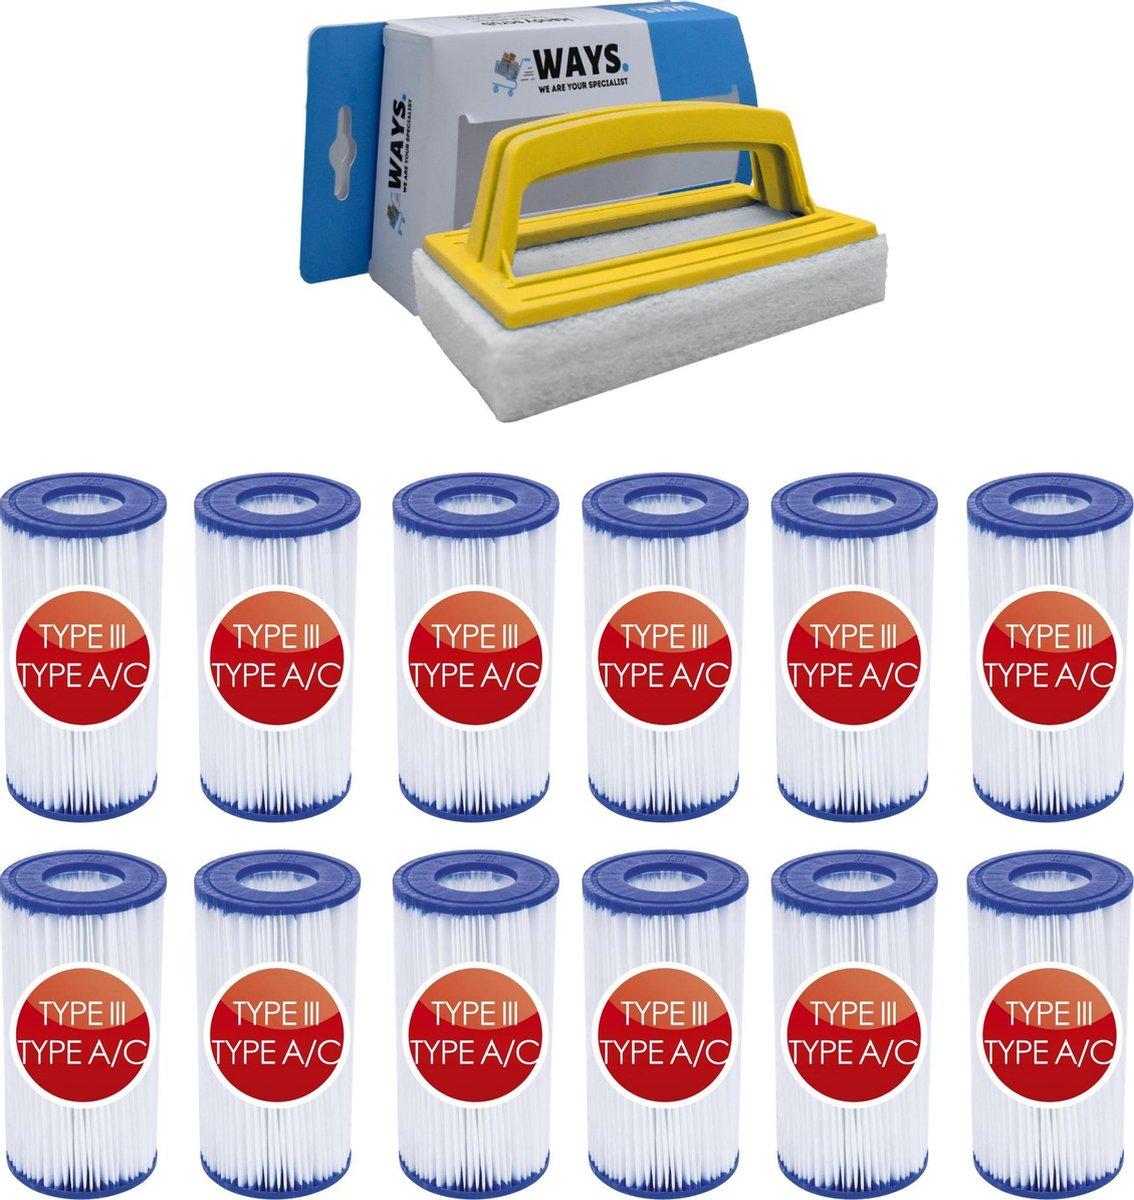 Bestway - Type III filters geschikt voor filterpomp 58389 - 12 stuks & WAYS scrubborstel